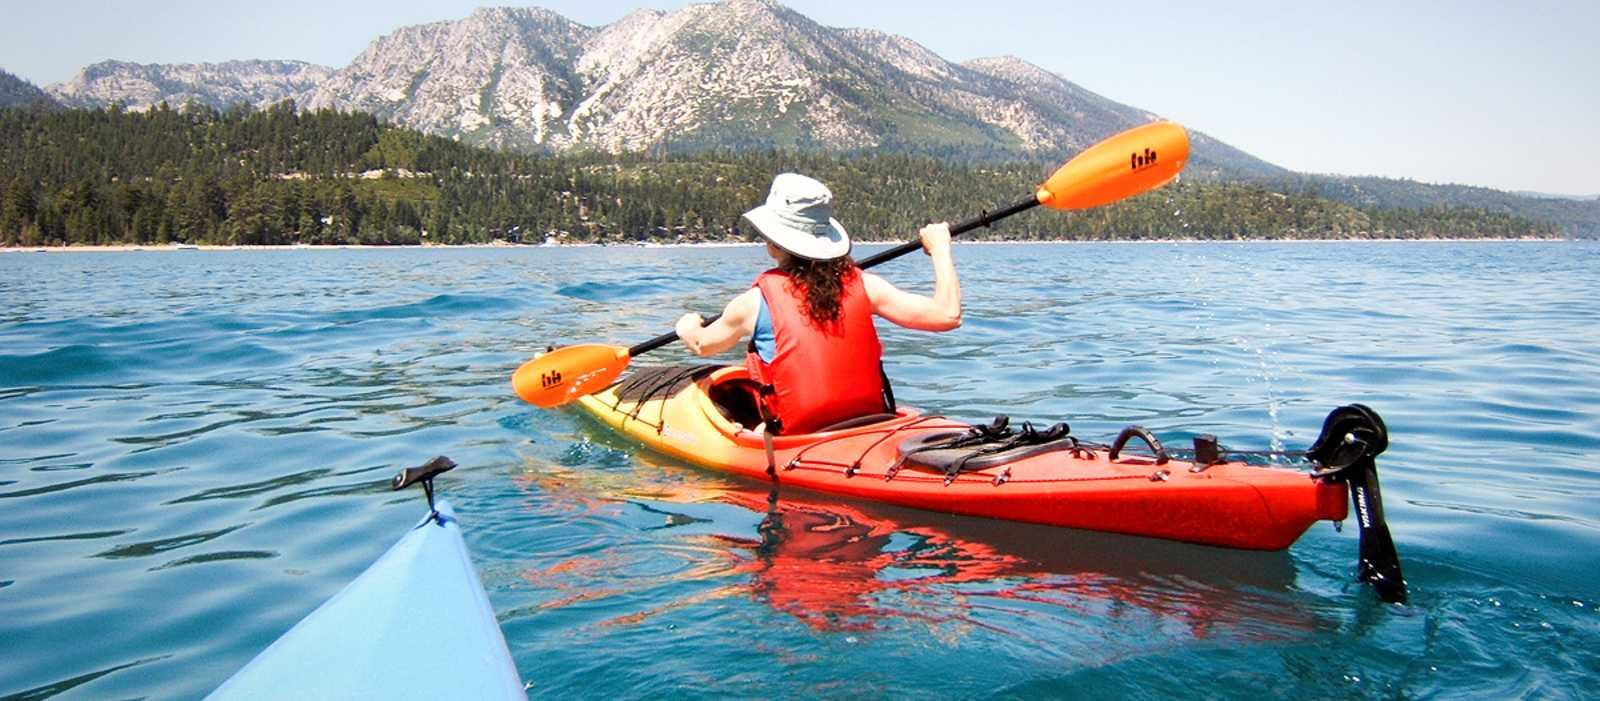 Kajakfahren auf dem Lake Tahoe